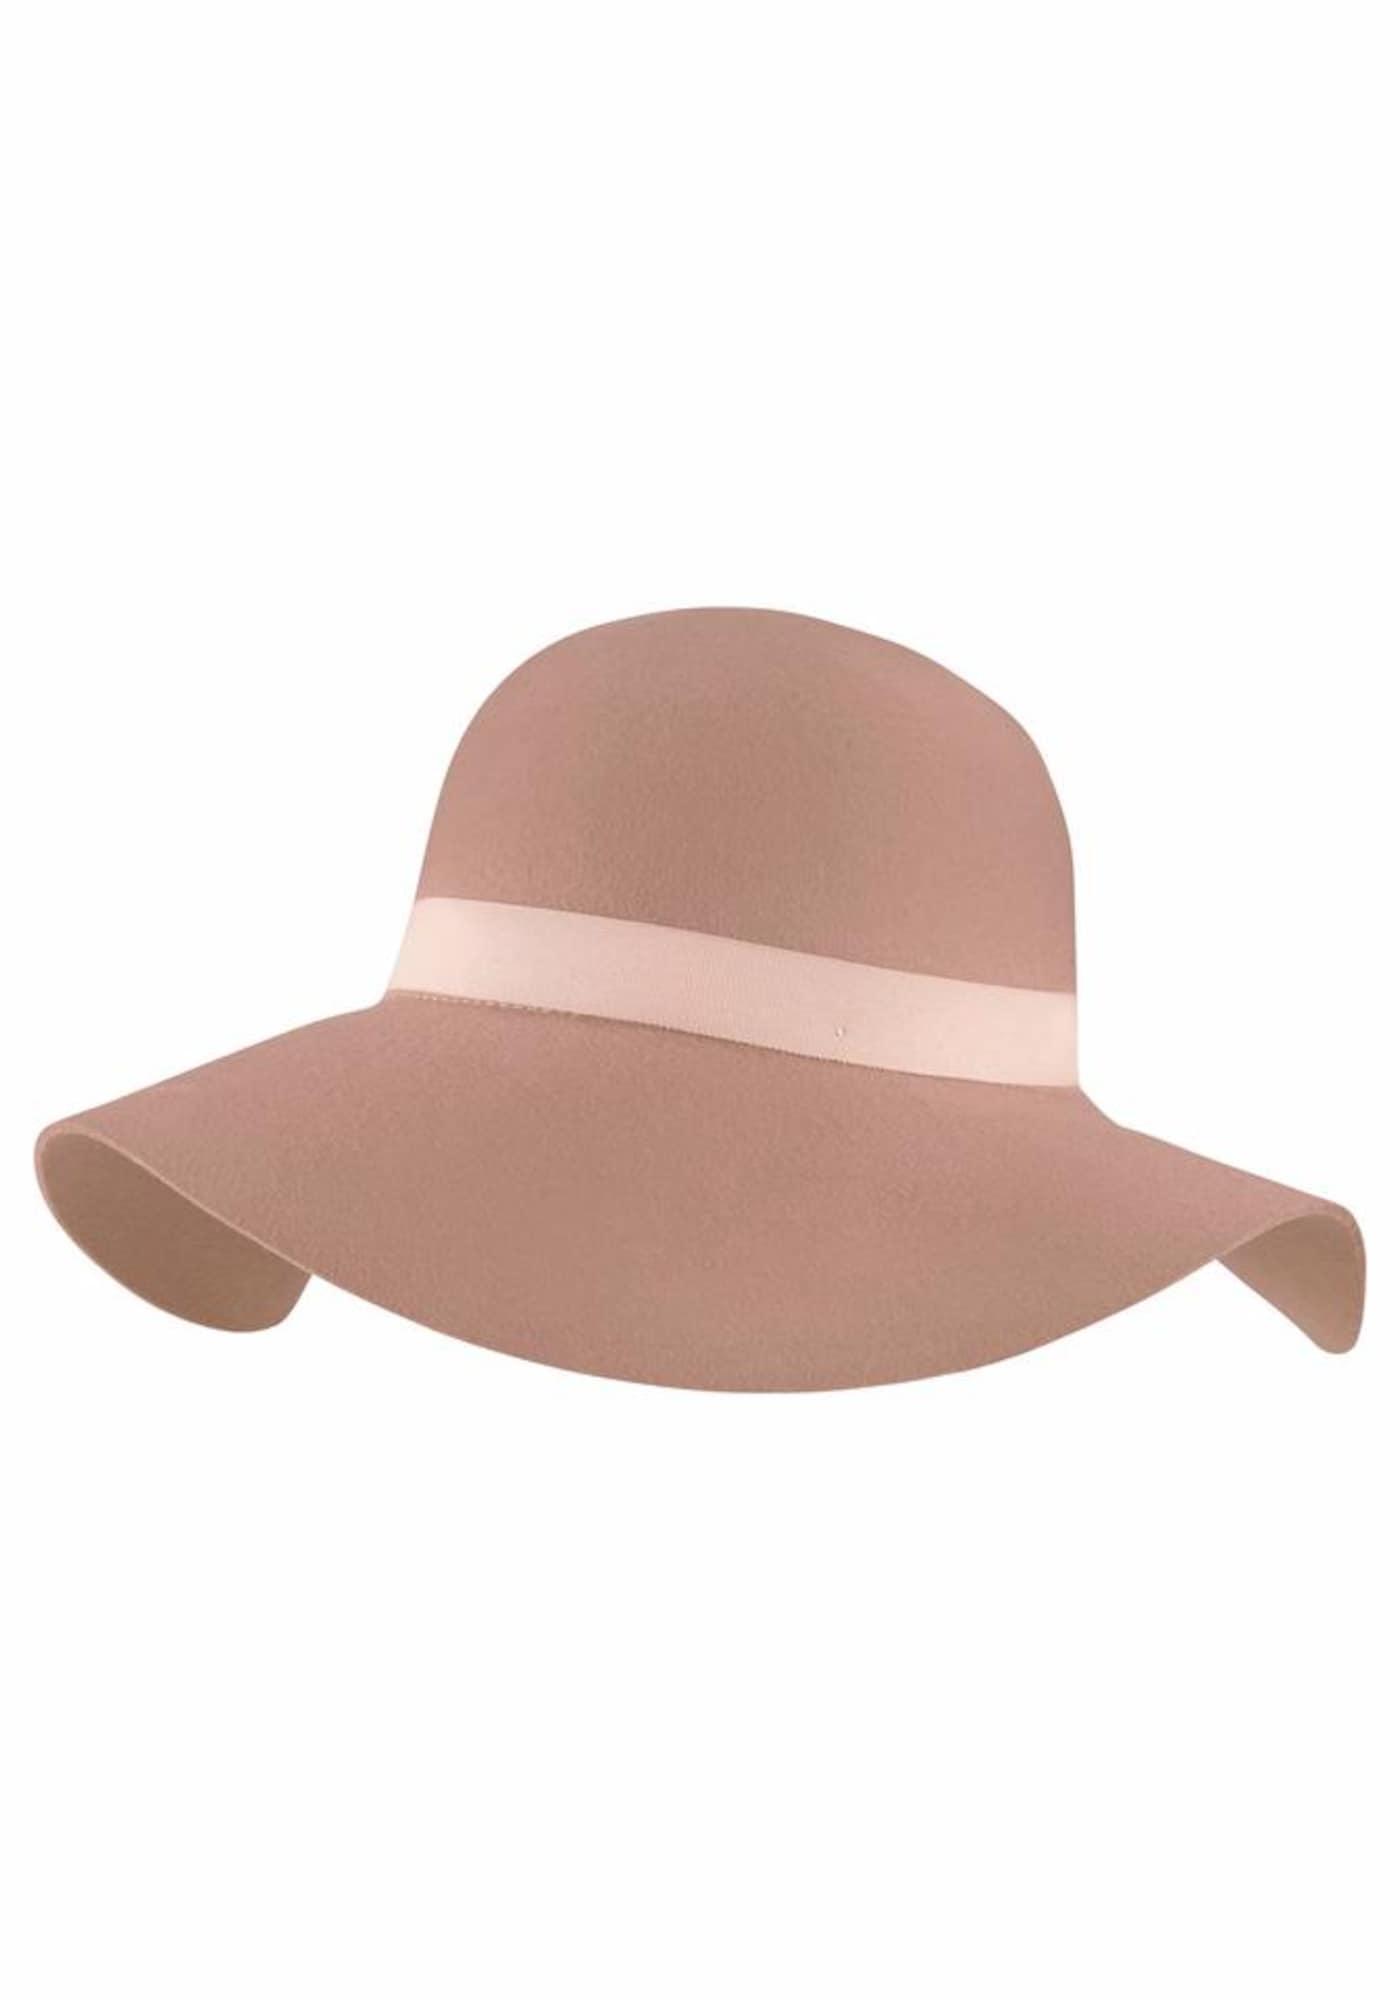 Schlapphut | Accessoires > Hüte > Schlapphüte | Rosa | J. Jayz